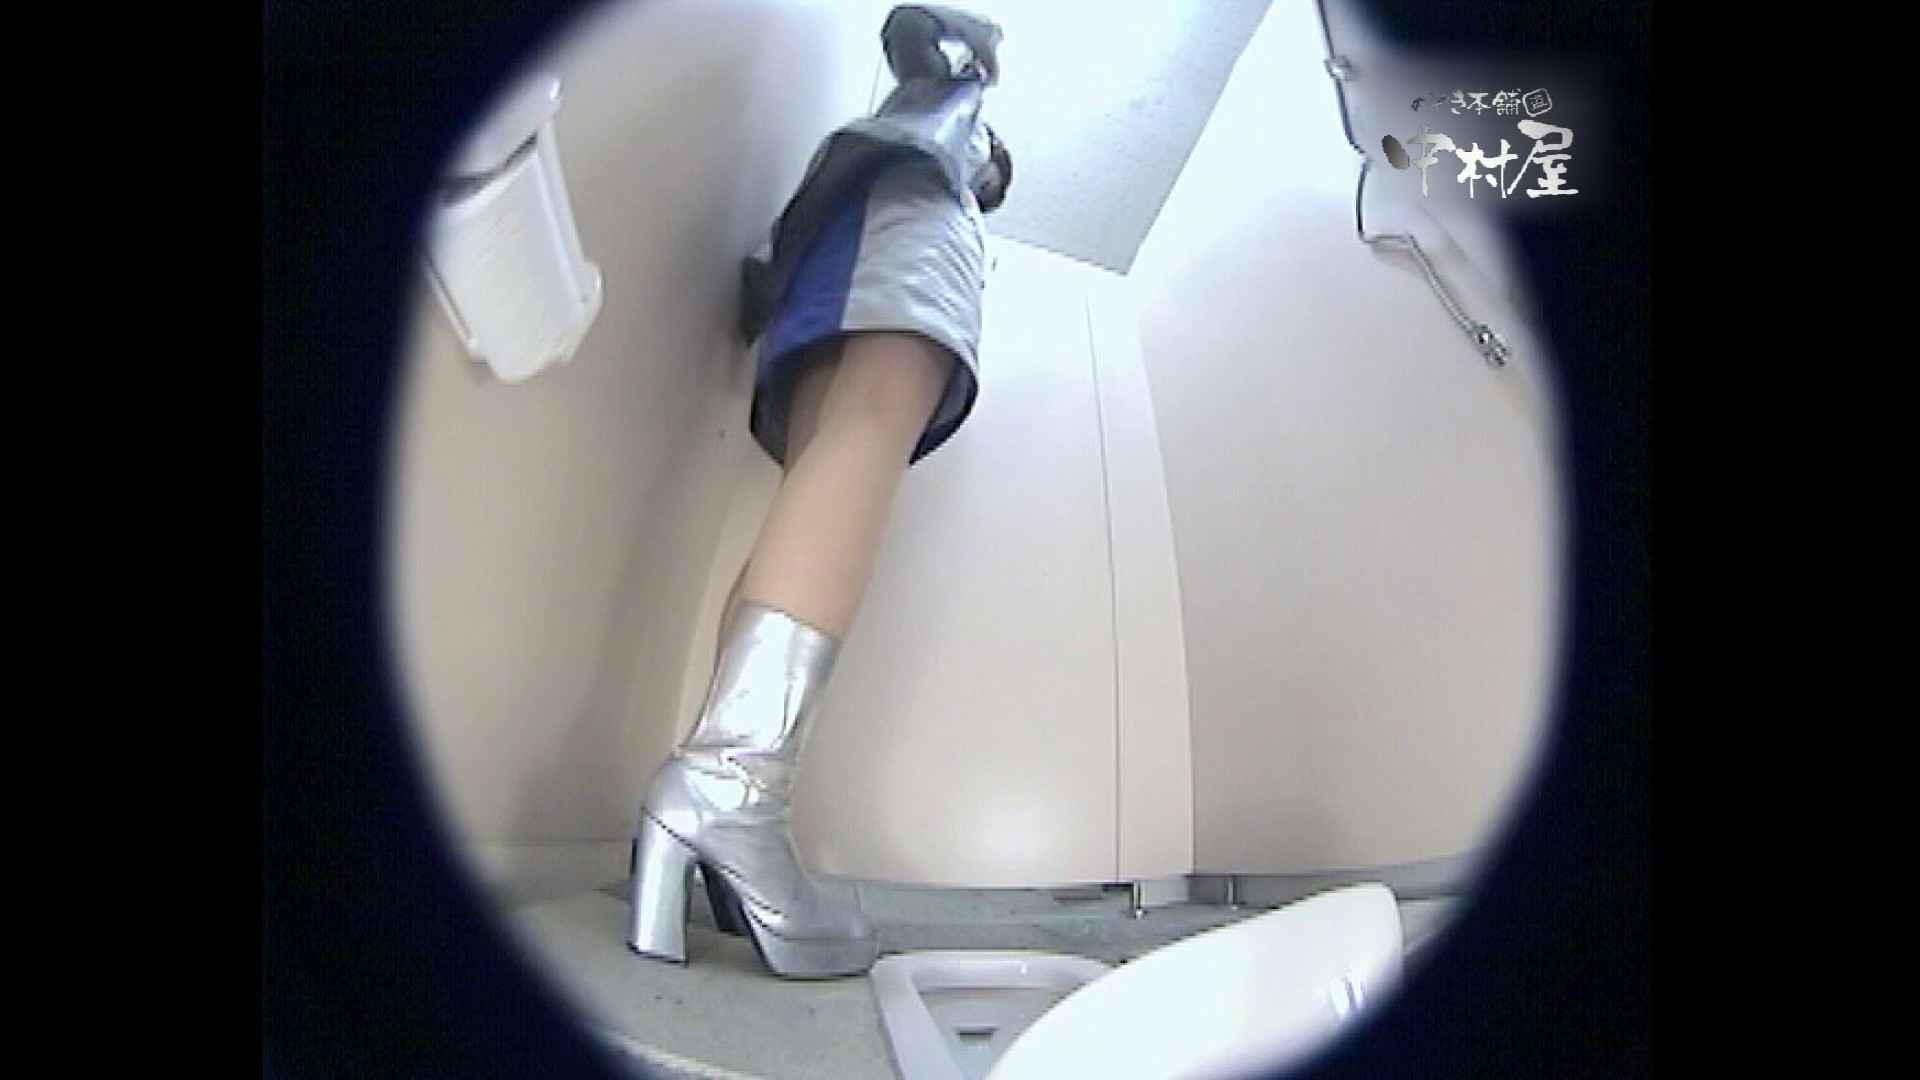 レースクィーントイレ盗撮!Vol.05 美女ヌード のぞき動画画像 89画像 61